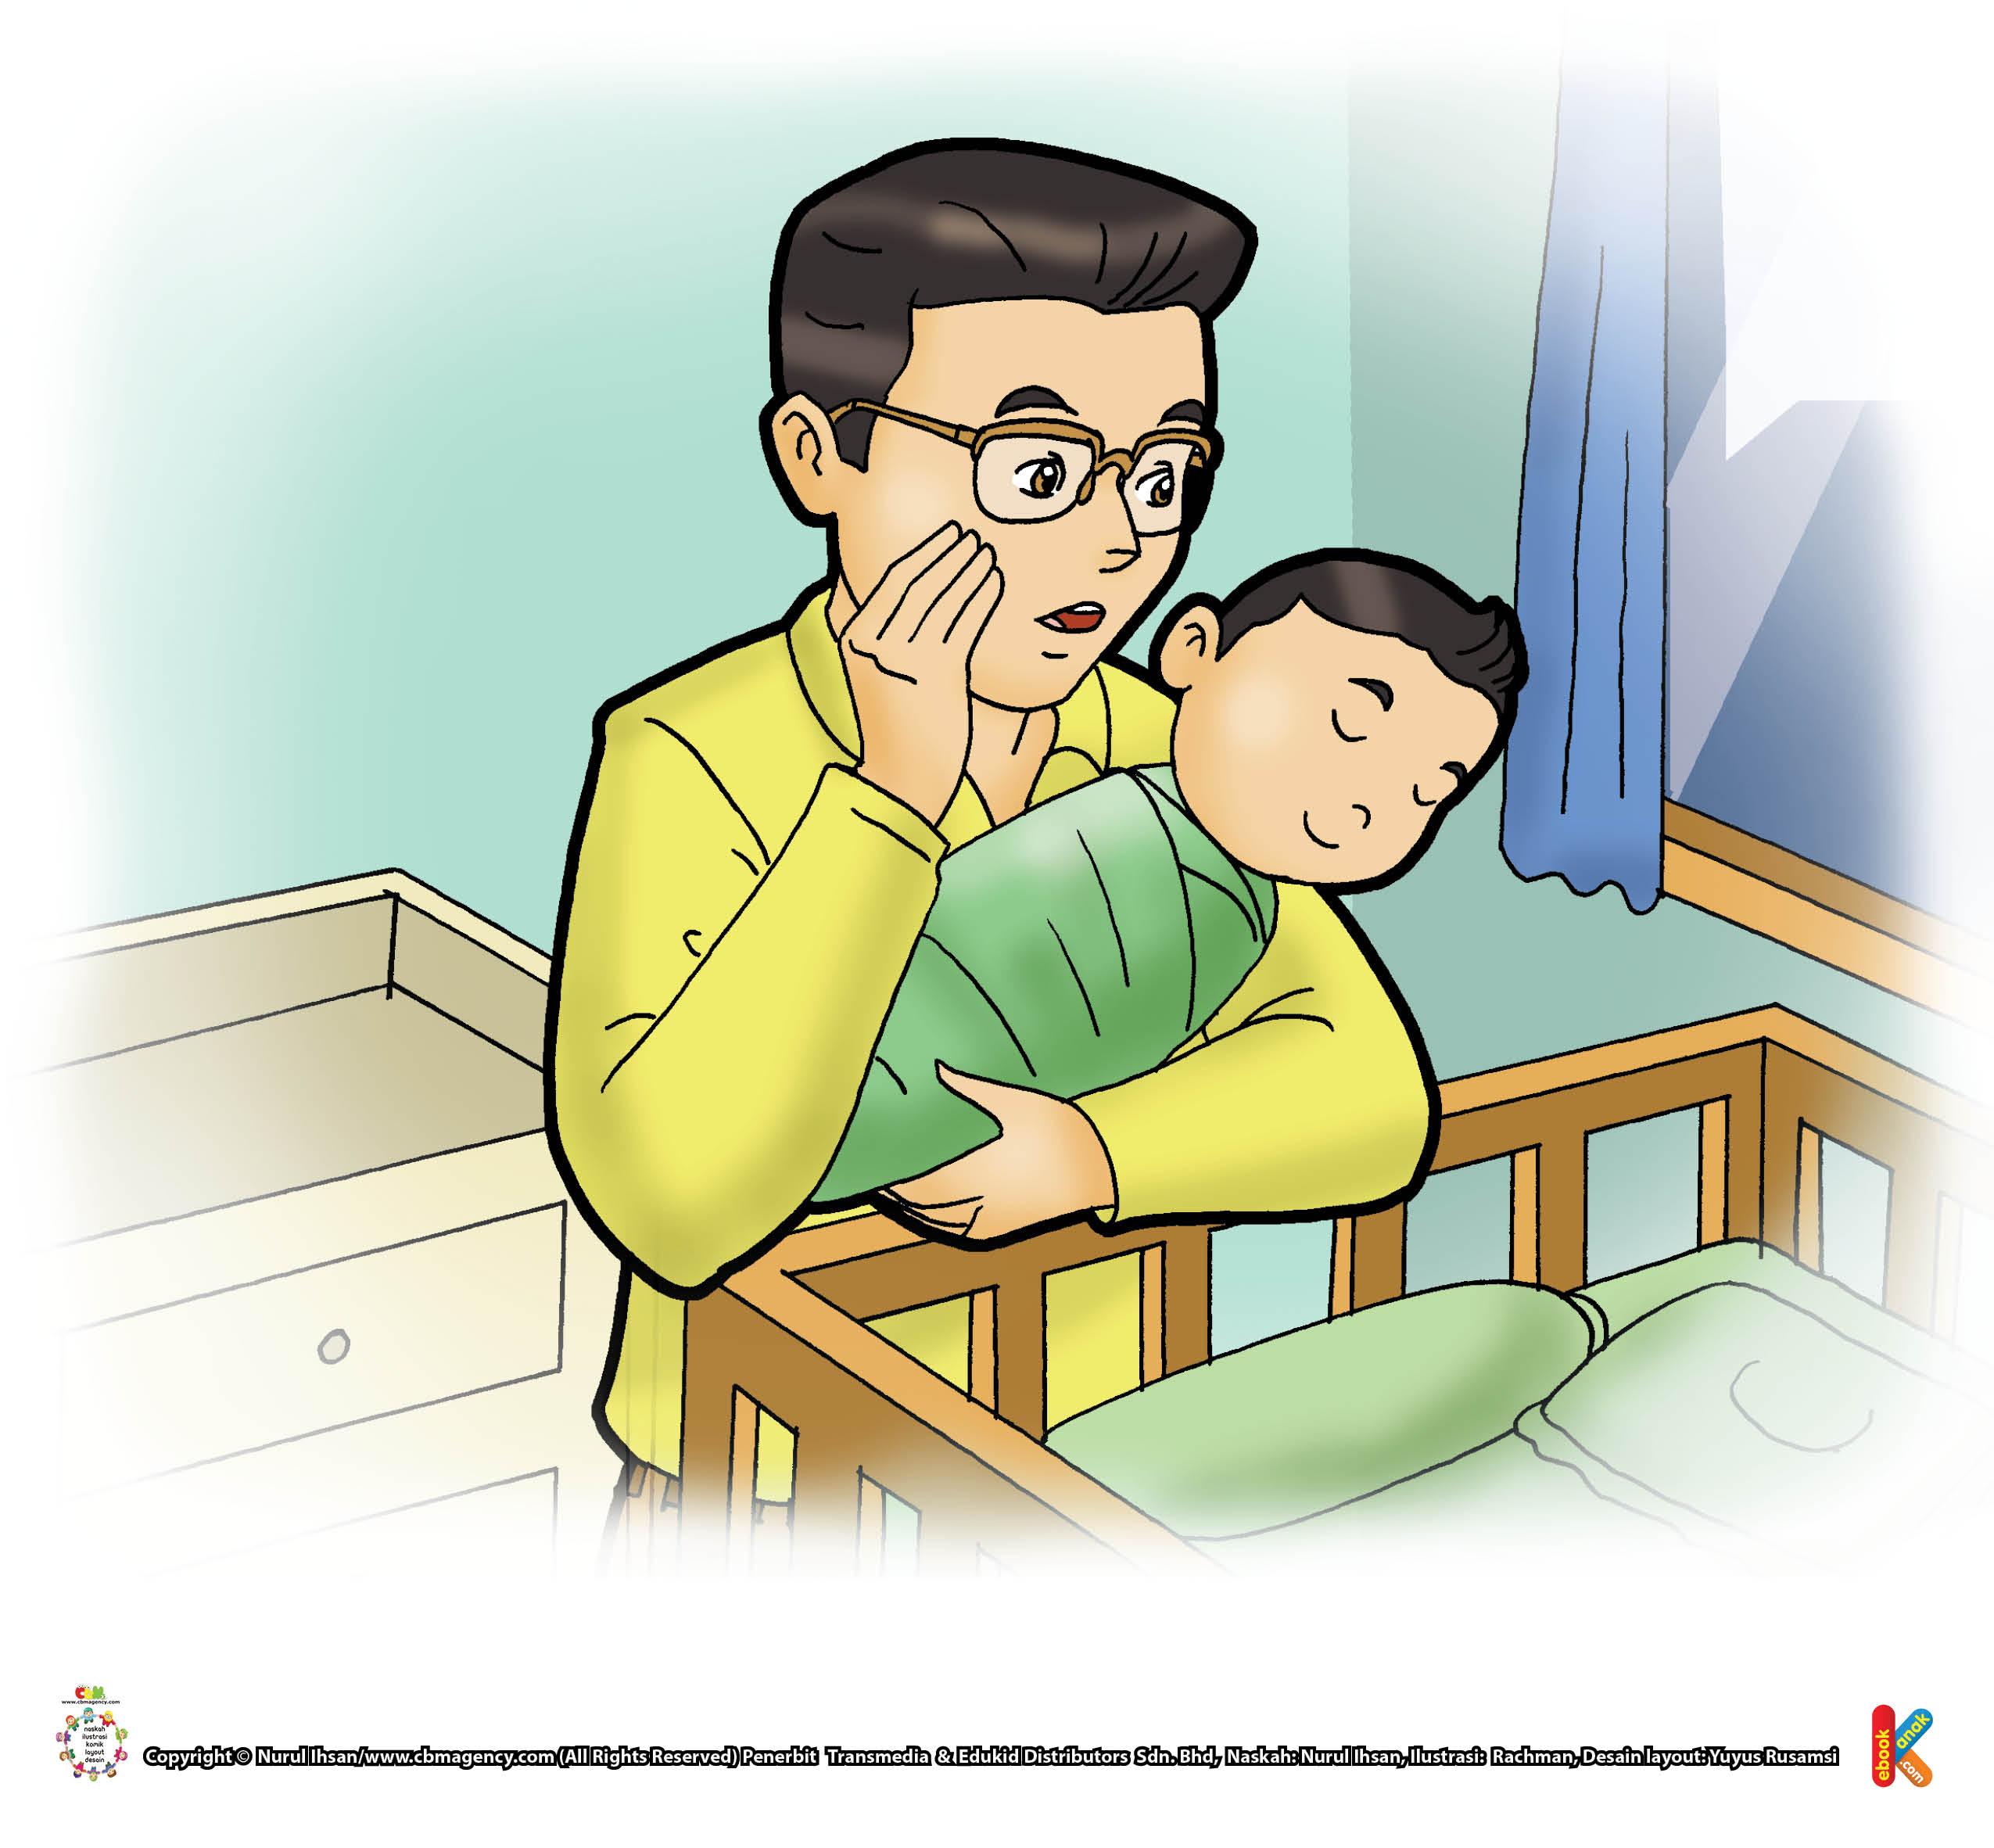 Keutamaan azan dan iqamah pada telinga anak baru lahir.